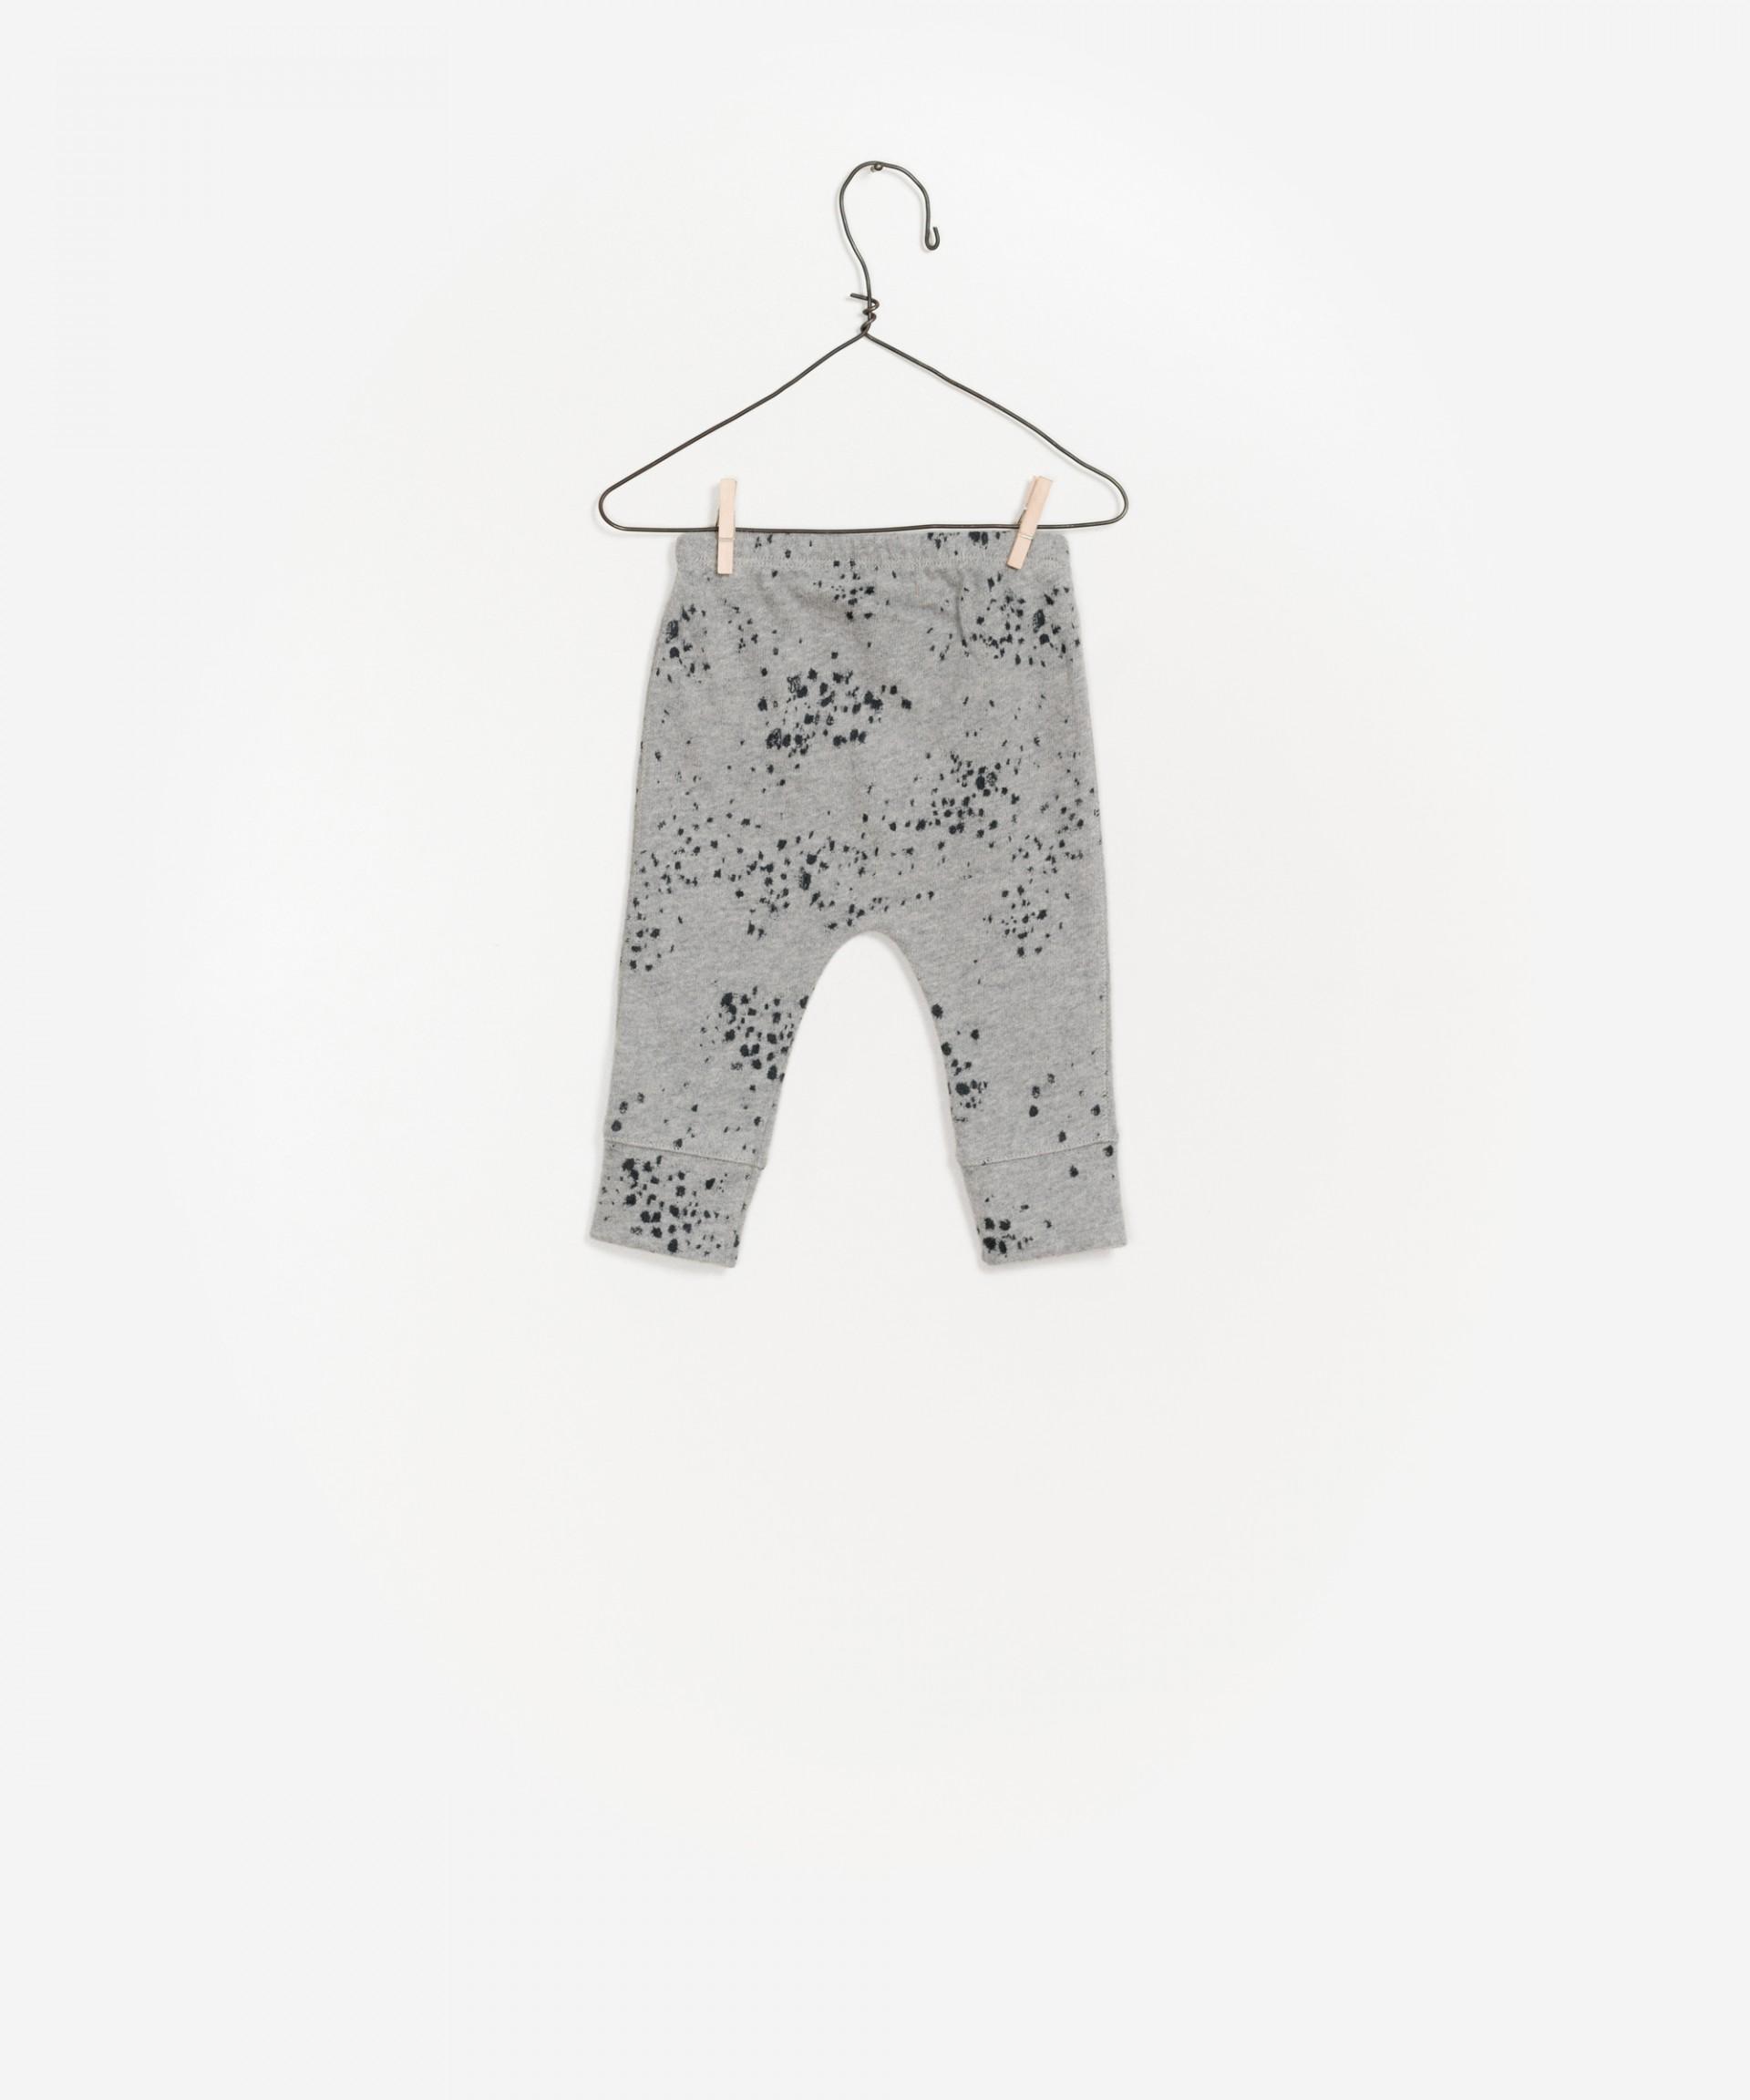 Printed Jersey Legging 100% organic cotton